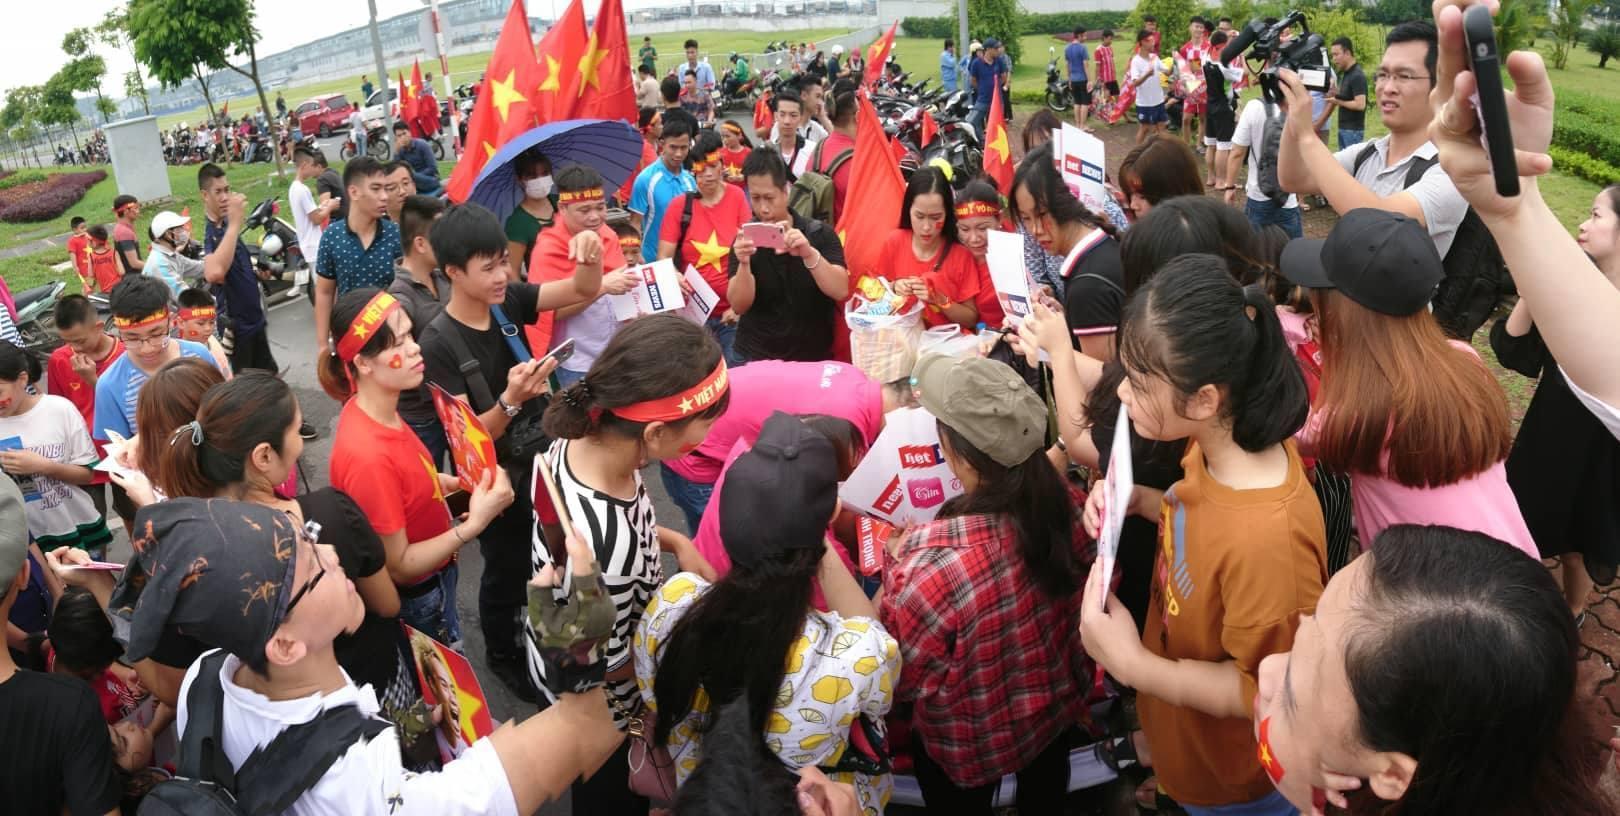 cổ vũ u23 Việt nam,U23 Việt Nam,đón đoàn U23 Việt Nam,Bùi Tiền Dũng,Park Hang Seo,Xuân Trường,Quâng Hải